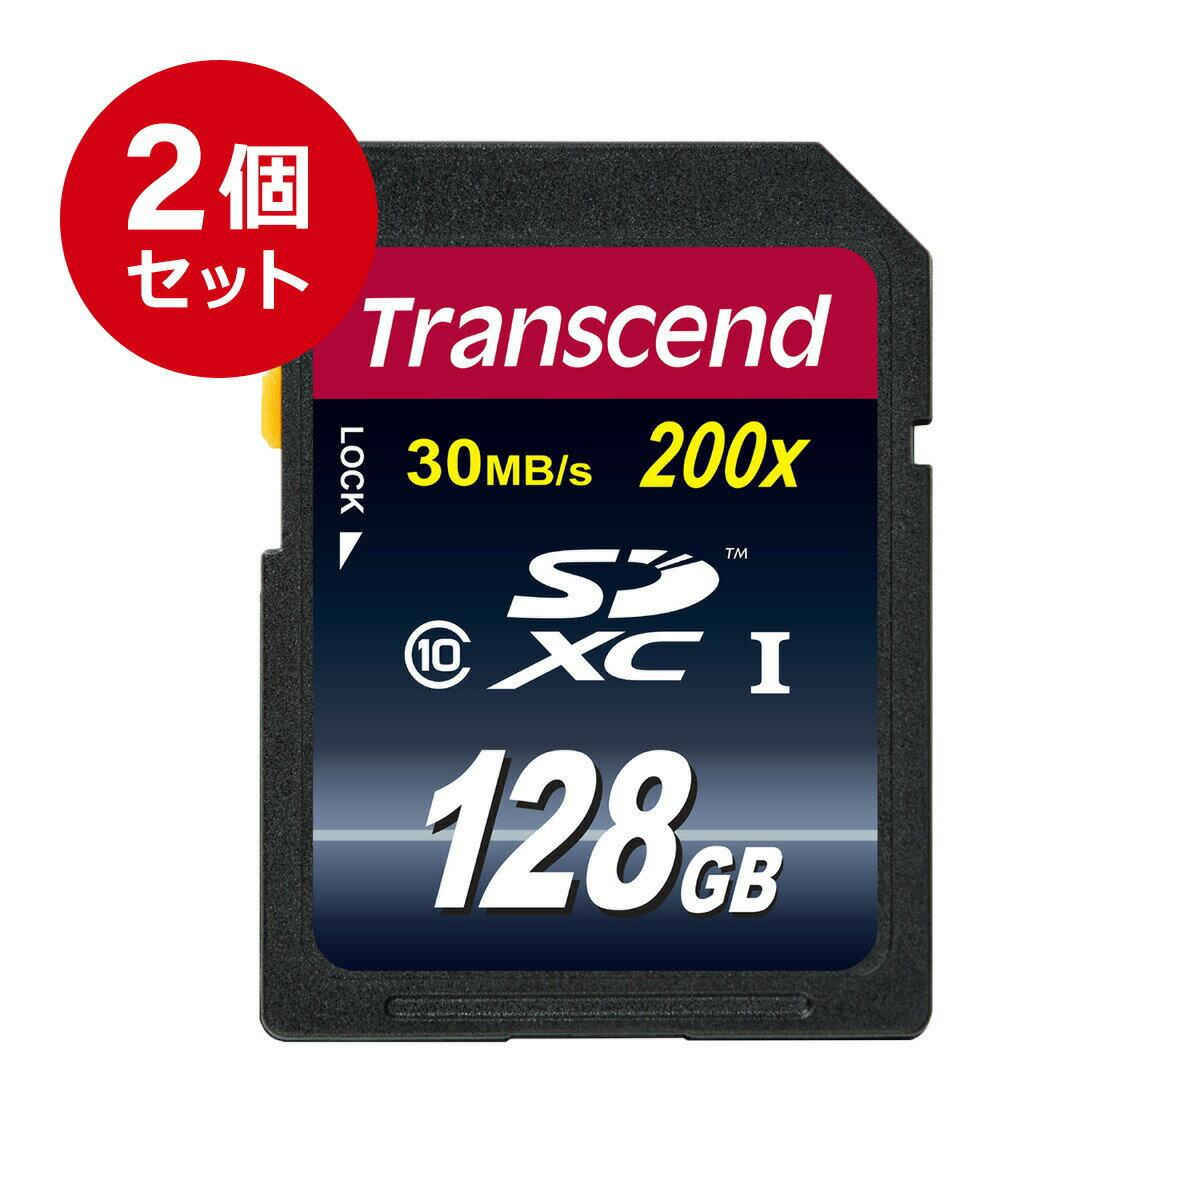 【送料無料】【まとめ割 2個セット】Transcend SDカード 128GB Class10 Ultimate SDXC 永久保証 メモリーカード クラス10 [TS128GSDXC10]